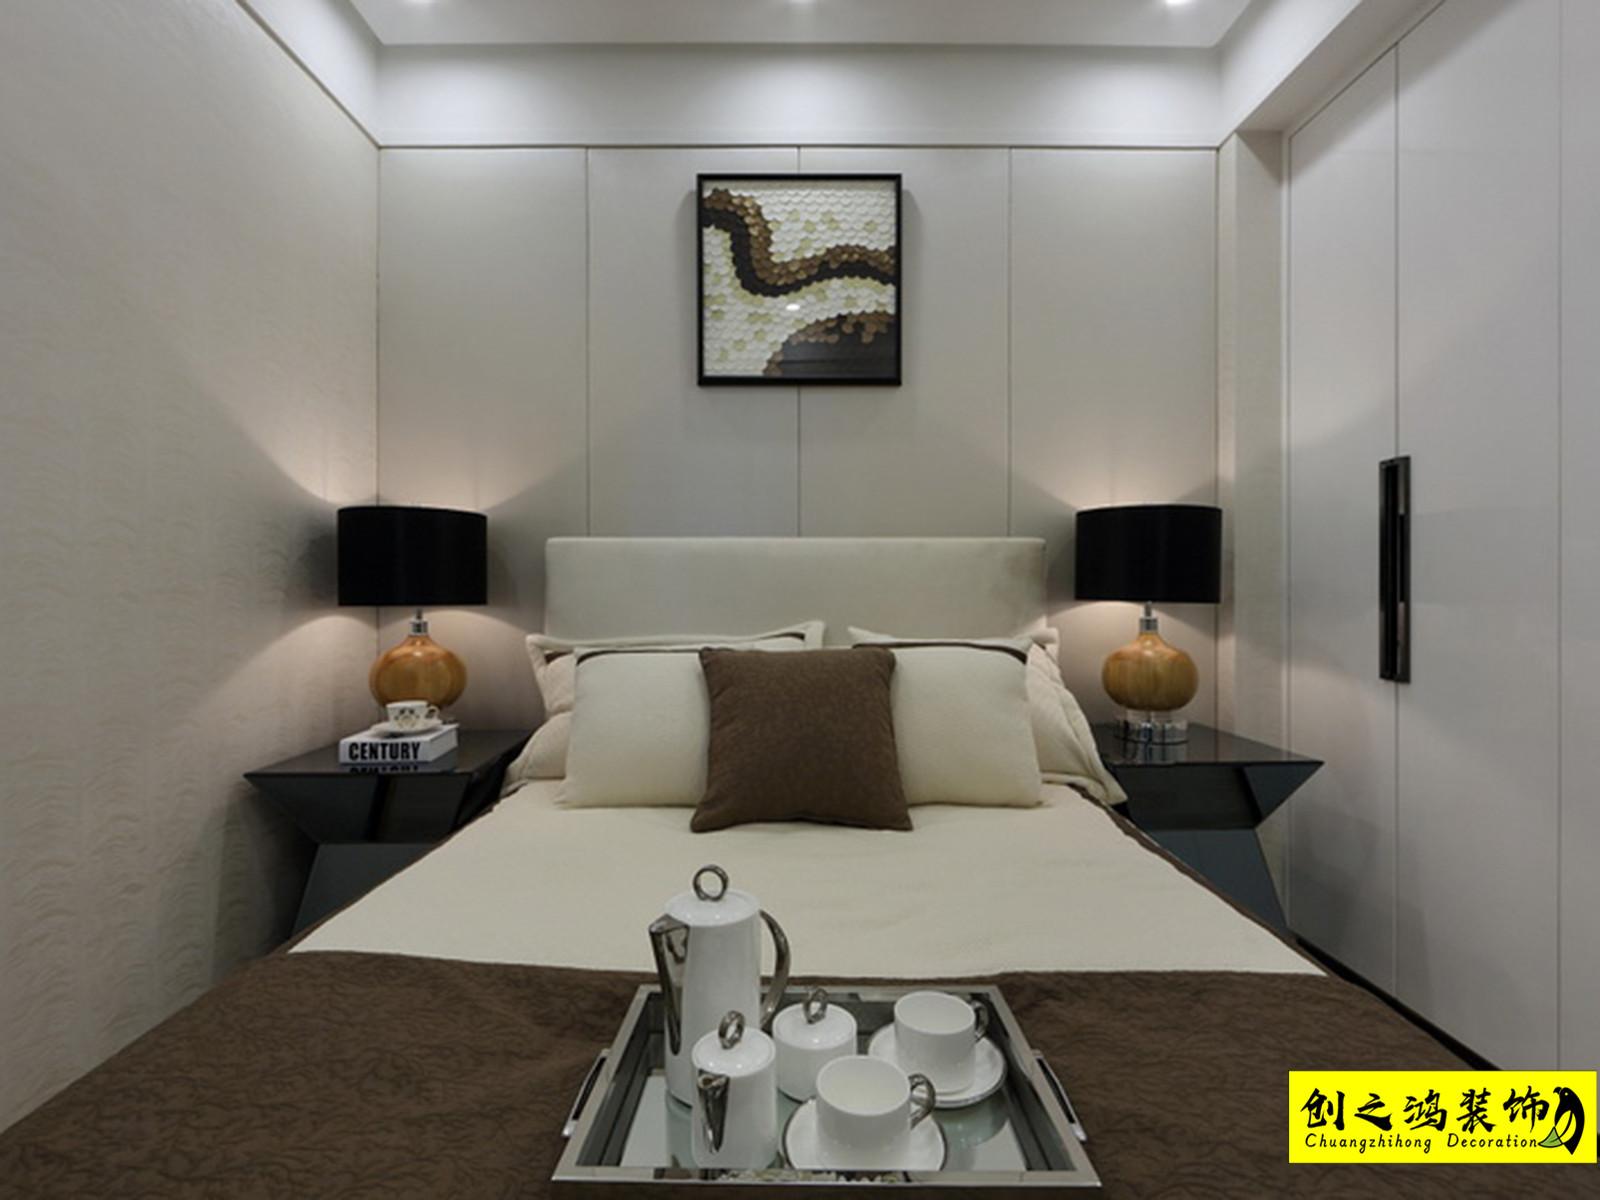 86㎡格调绮园二居室现代简约风格装修效果图